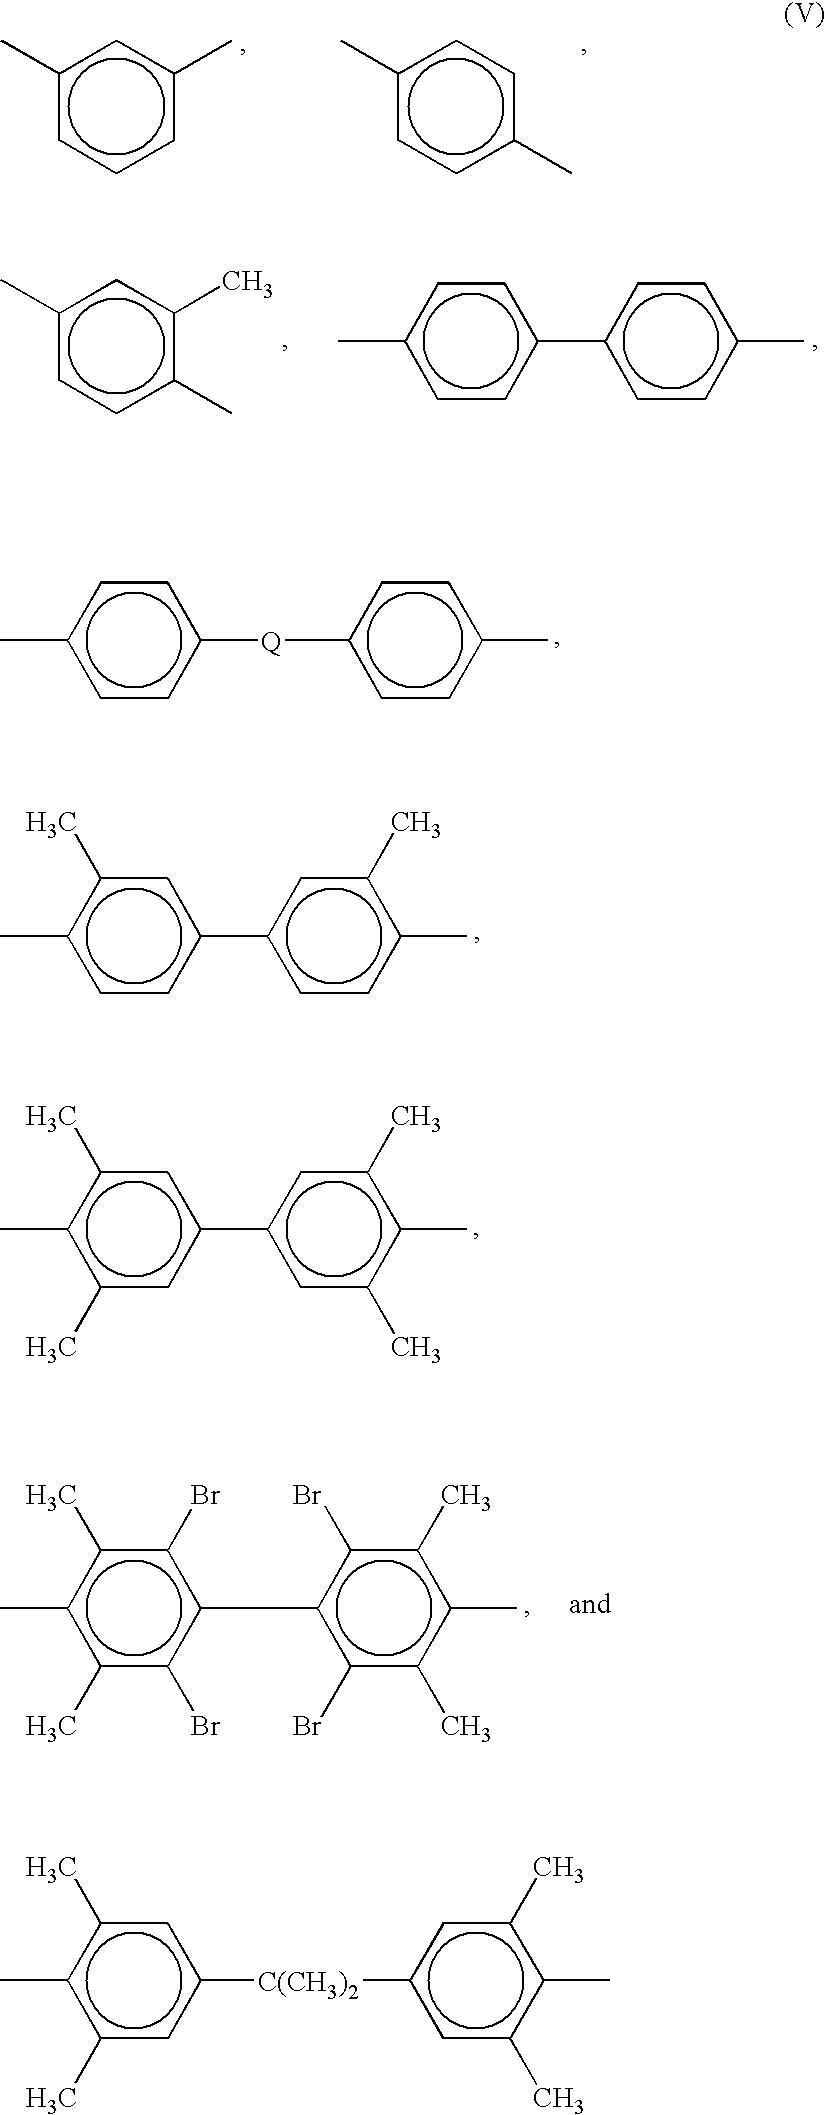 Figure US20070298255A1-20071227-C00005